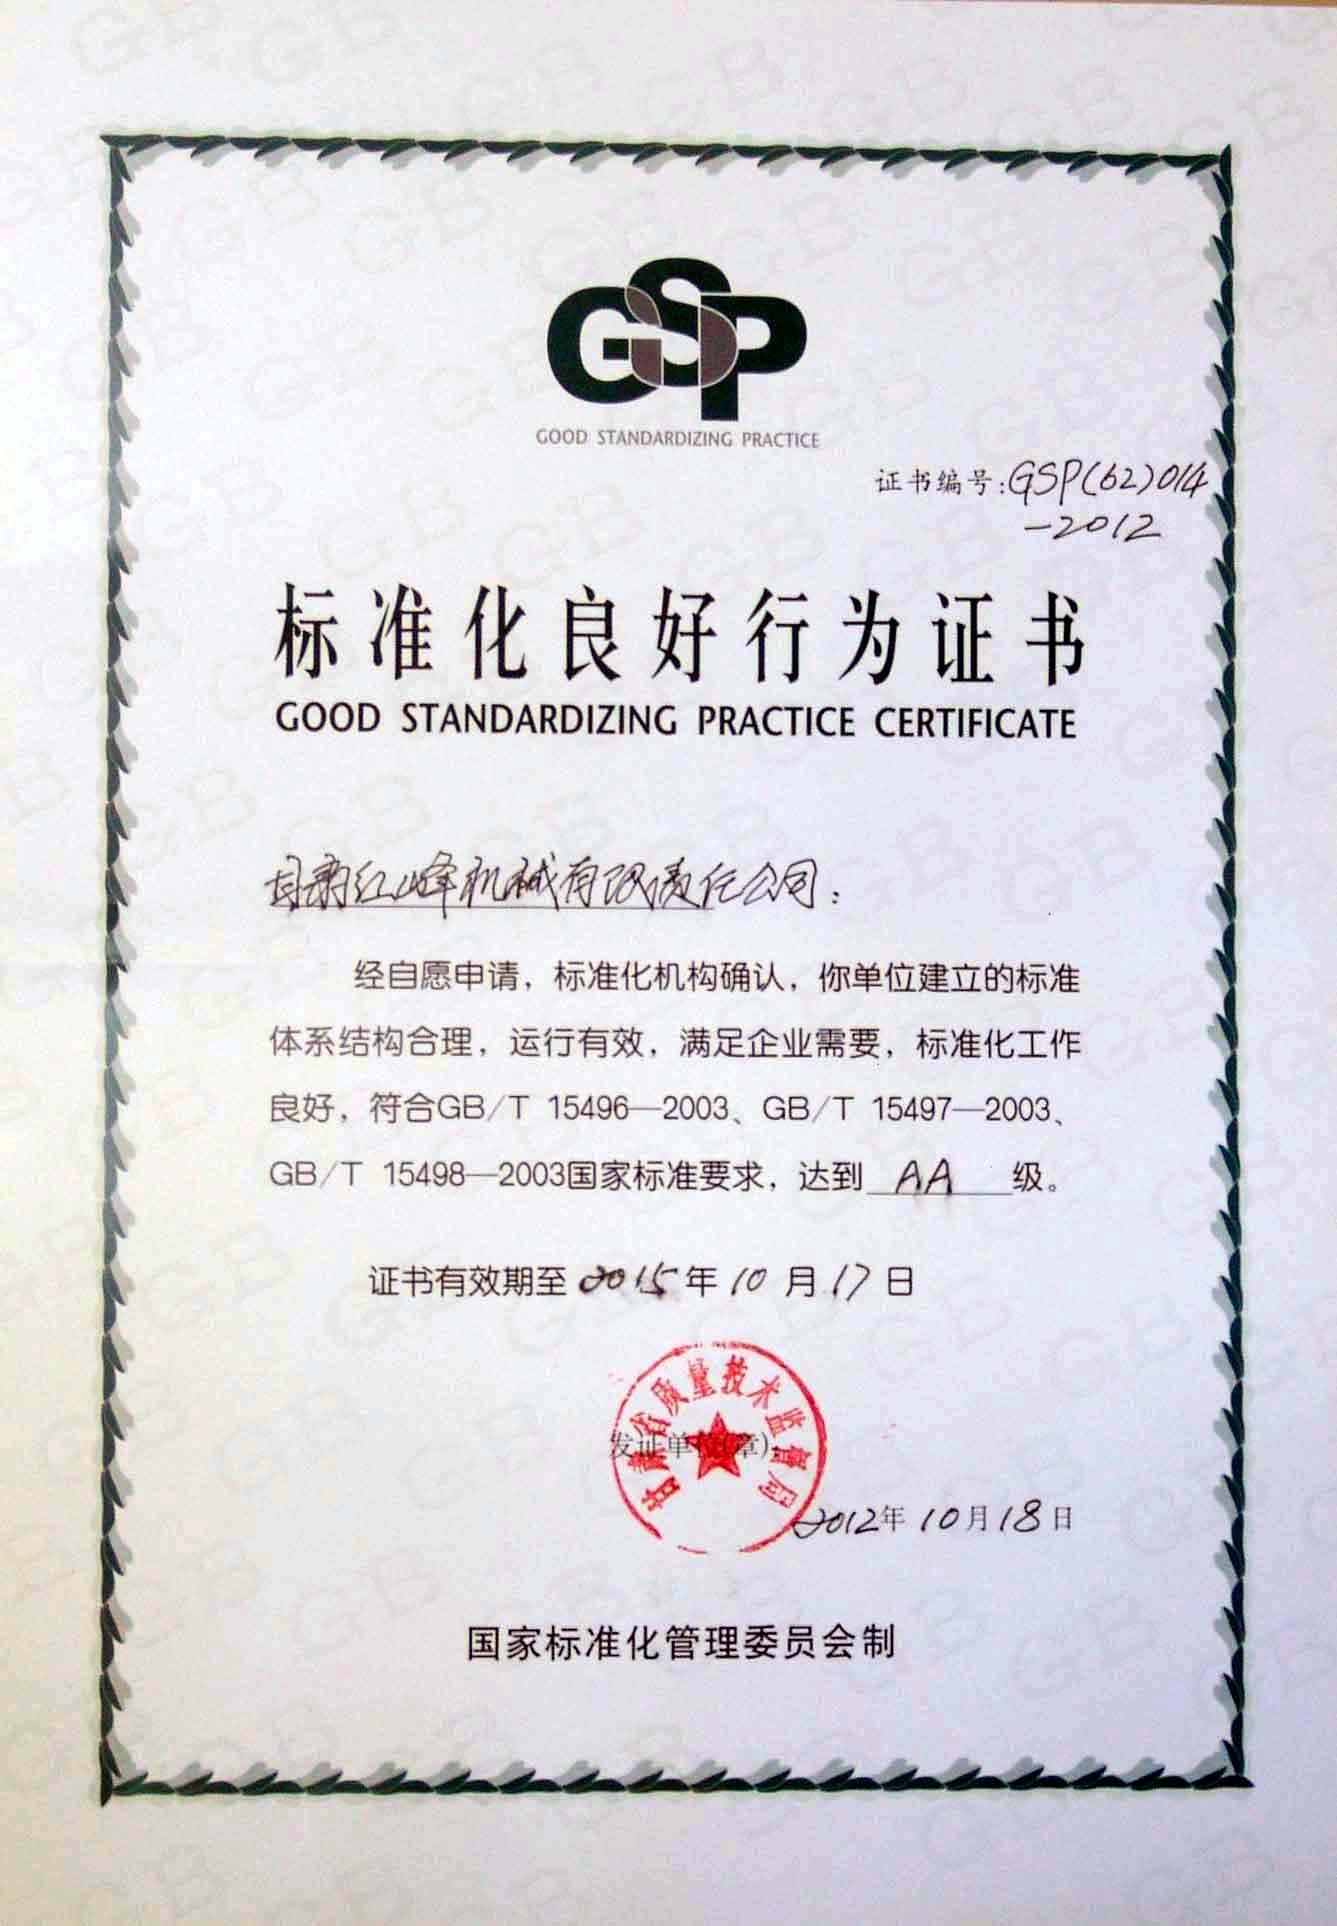 2012年标准化行为良好企业证书